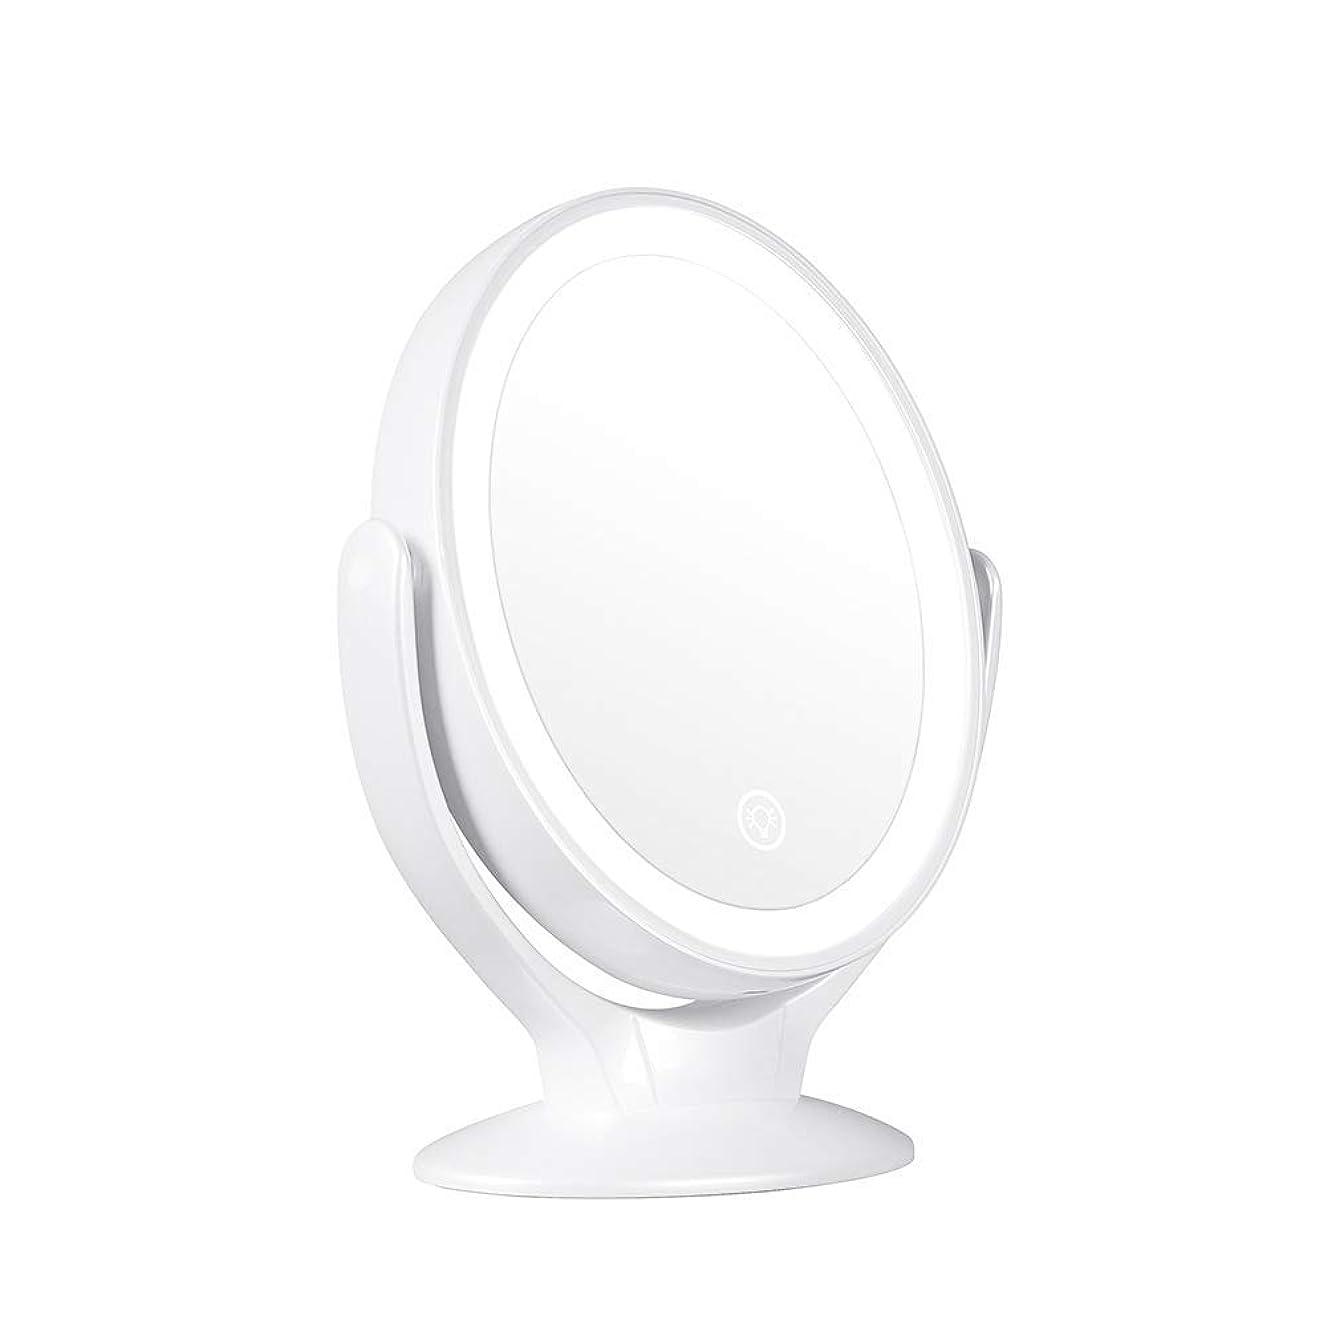 高価な苦緩む両面照明付き化粧鏡、充電式、倍率1倍/ 7倍360度回転調光対応タッチスクリーン、ポータブル卓上照明付き化粧鏡